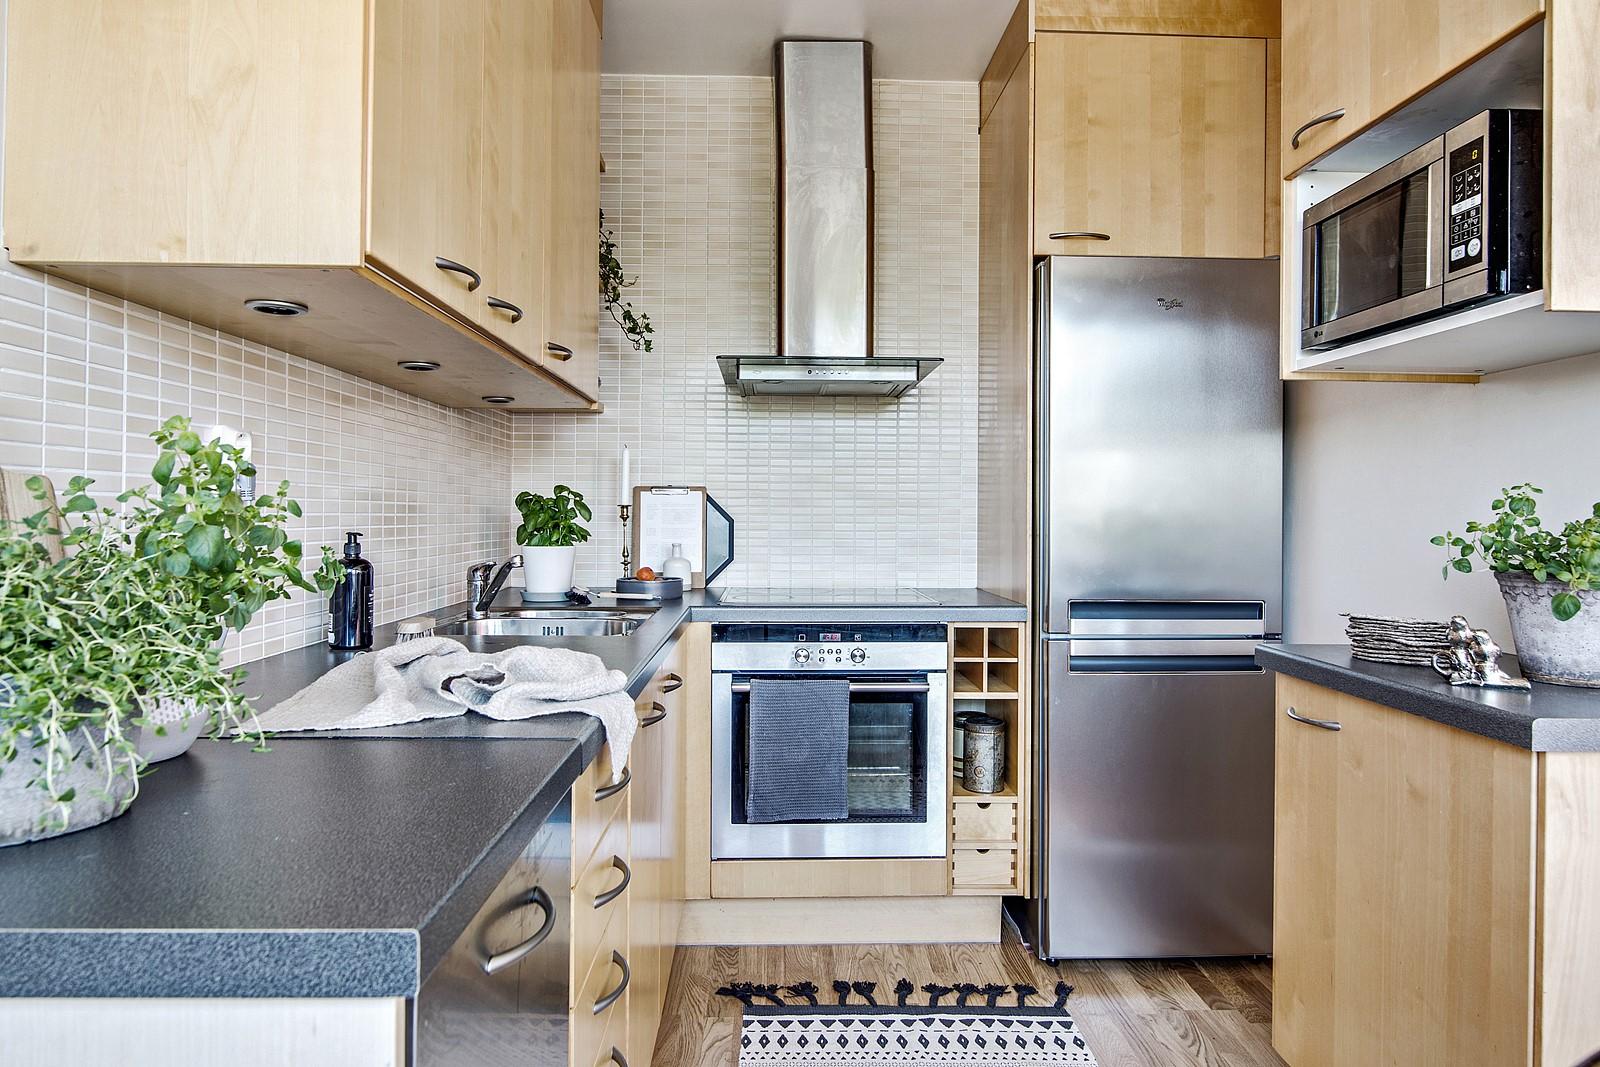 Här erbjuds alla tänkbara faciliteter som får kocken att trivas